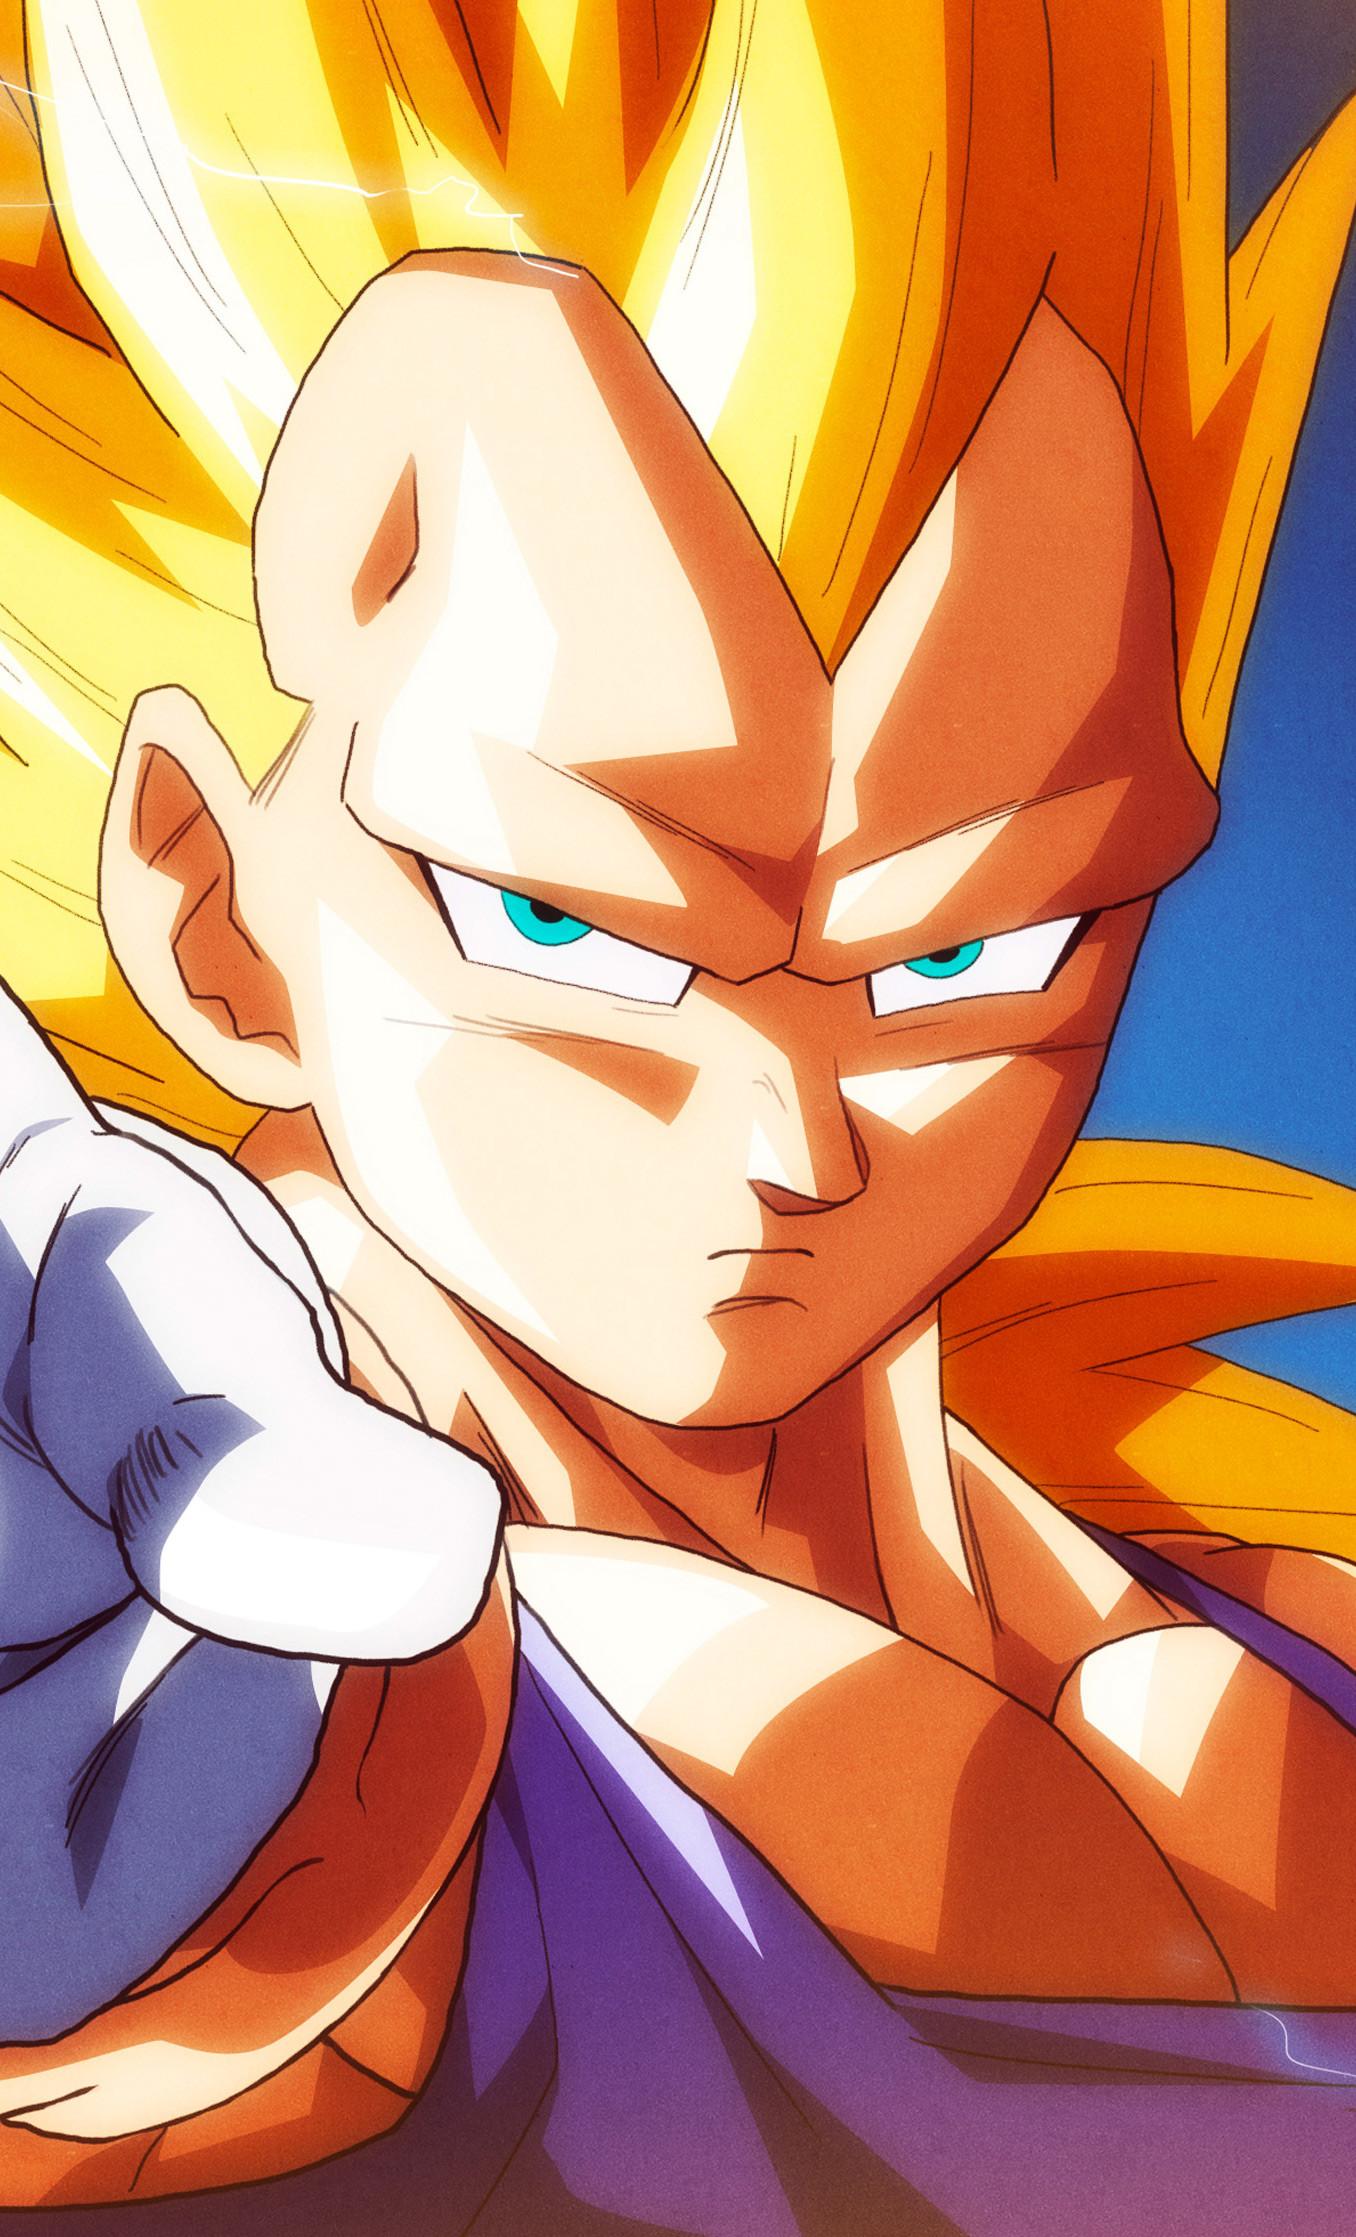 Dragon Ball Z HD Widescreen wallpapers   Goku Golden Great Ape Wallpaper  https://www.fabuloussavers.com/Goku_Golden_Great_Ape_Wallpapers_freecomput…